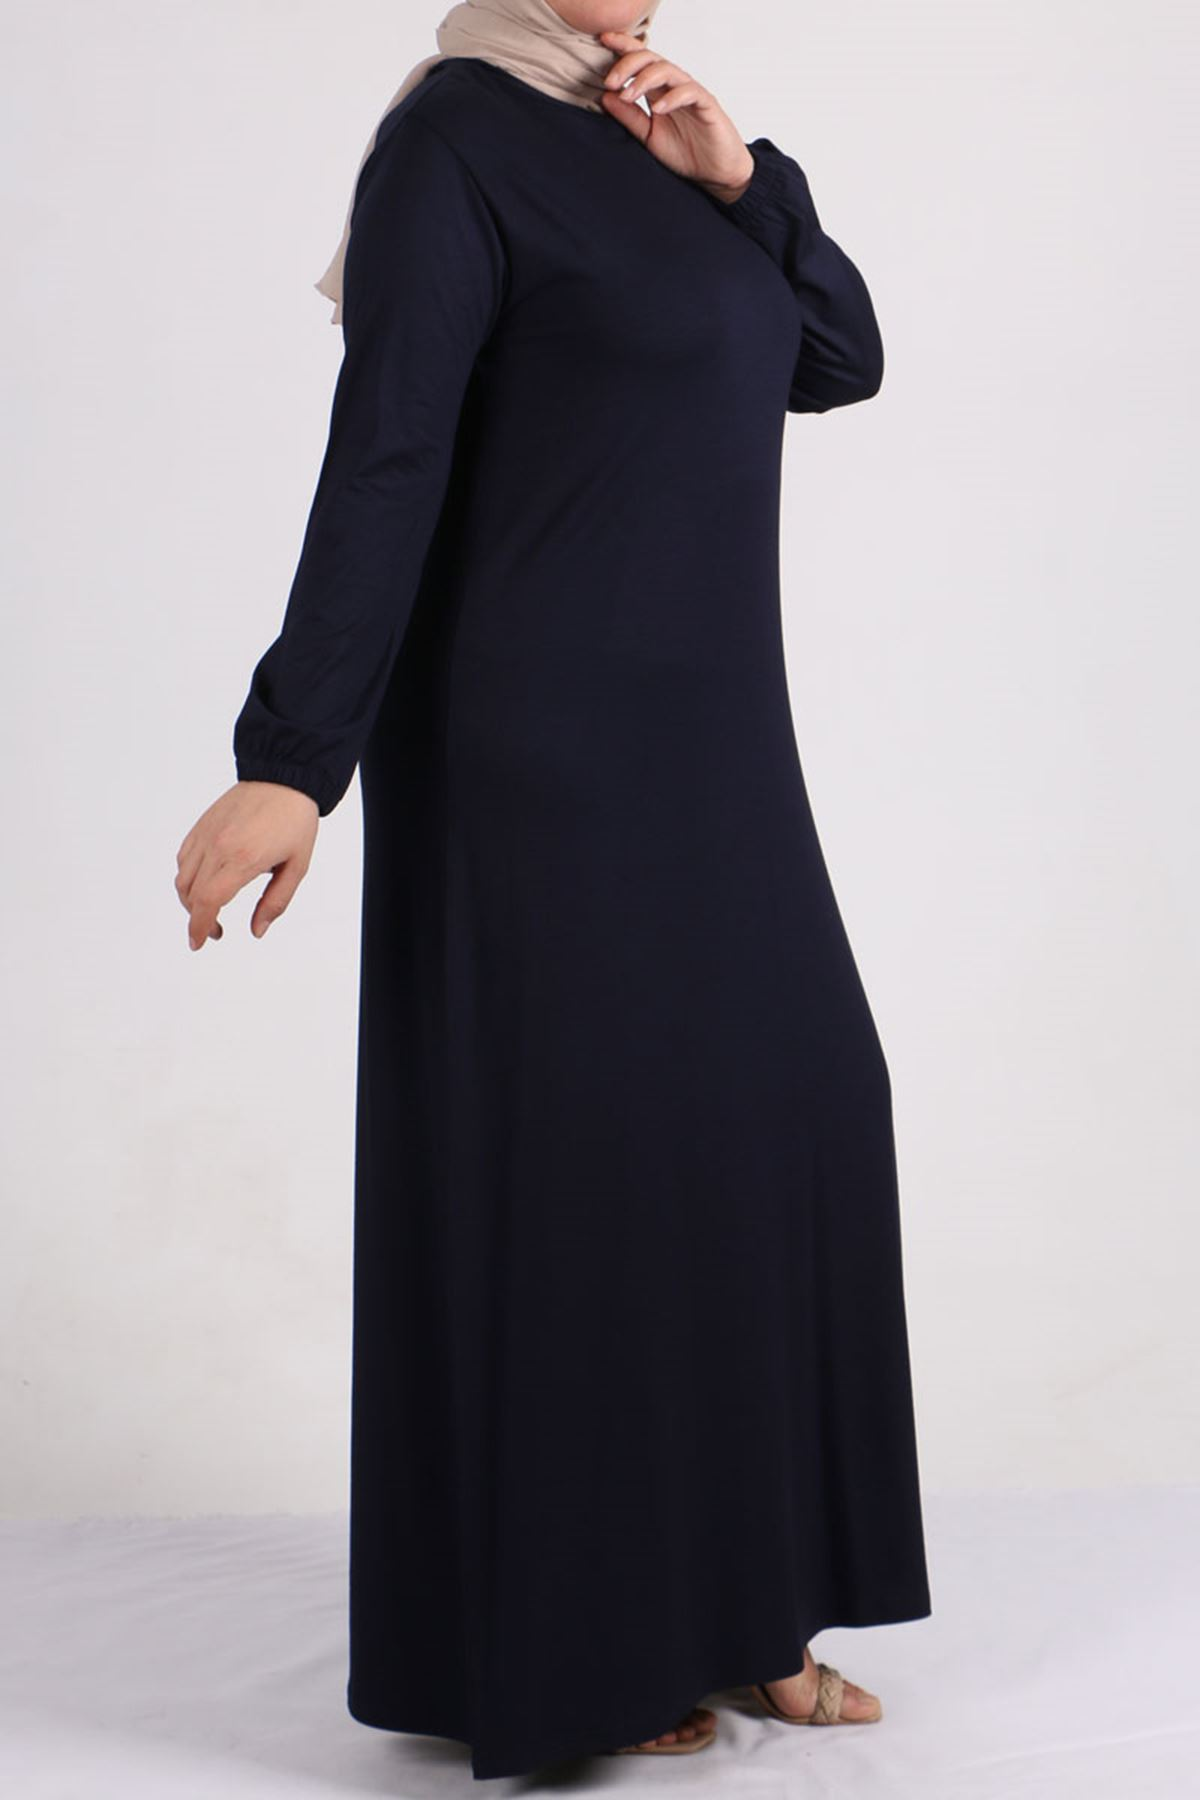 2083 فستان بتفاصيل أزرار مقاس كبير - اسود